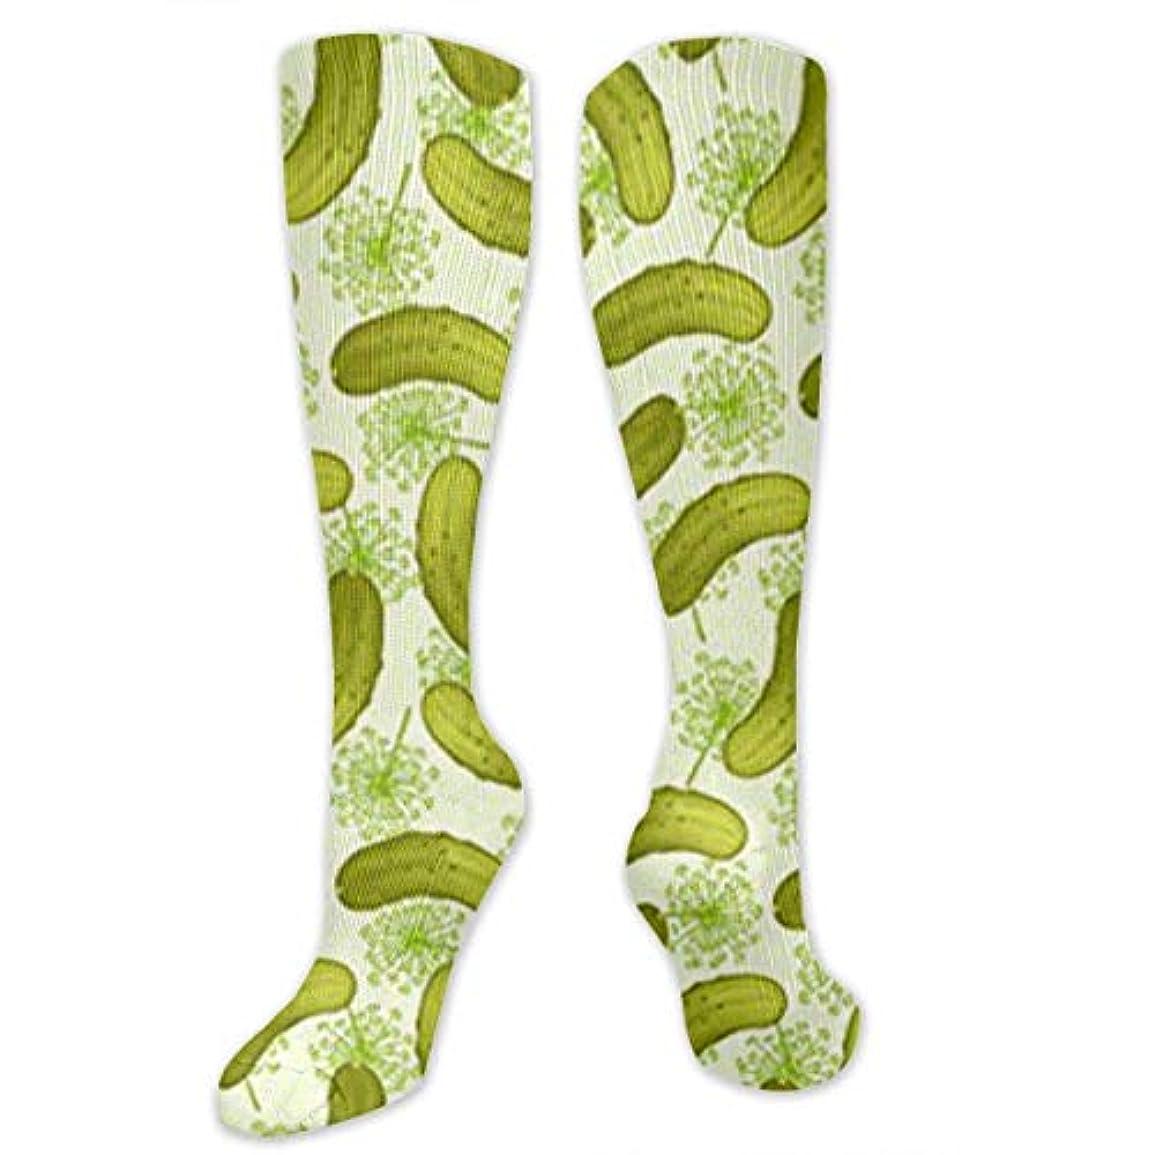 船形アデレードバーター靴下,ストッキング,野生のジョーカー,実際,秋の本質,冬必須,サマーウェア&RBXAA Dill Pickles Socks Women's Winter Cotton Long Tube Socks Knee High...